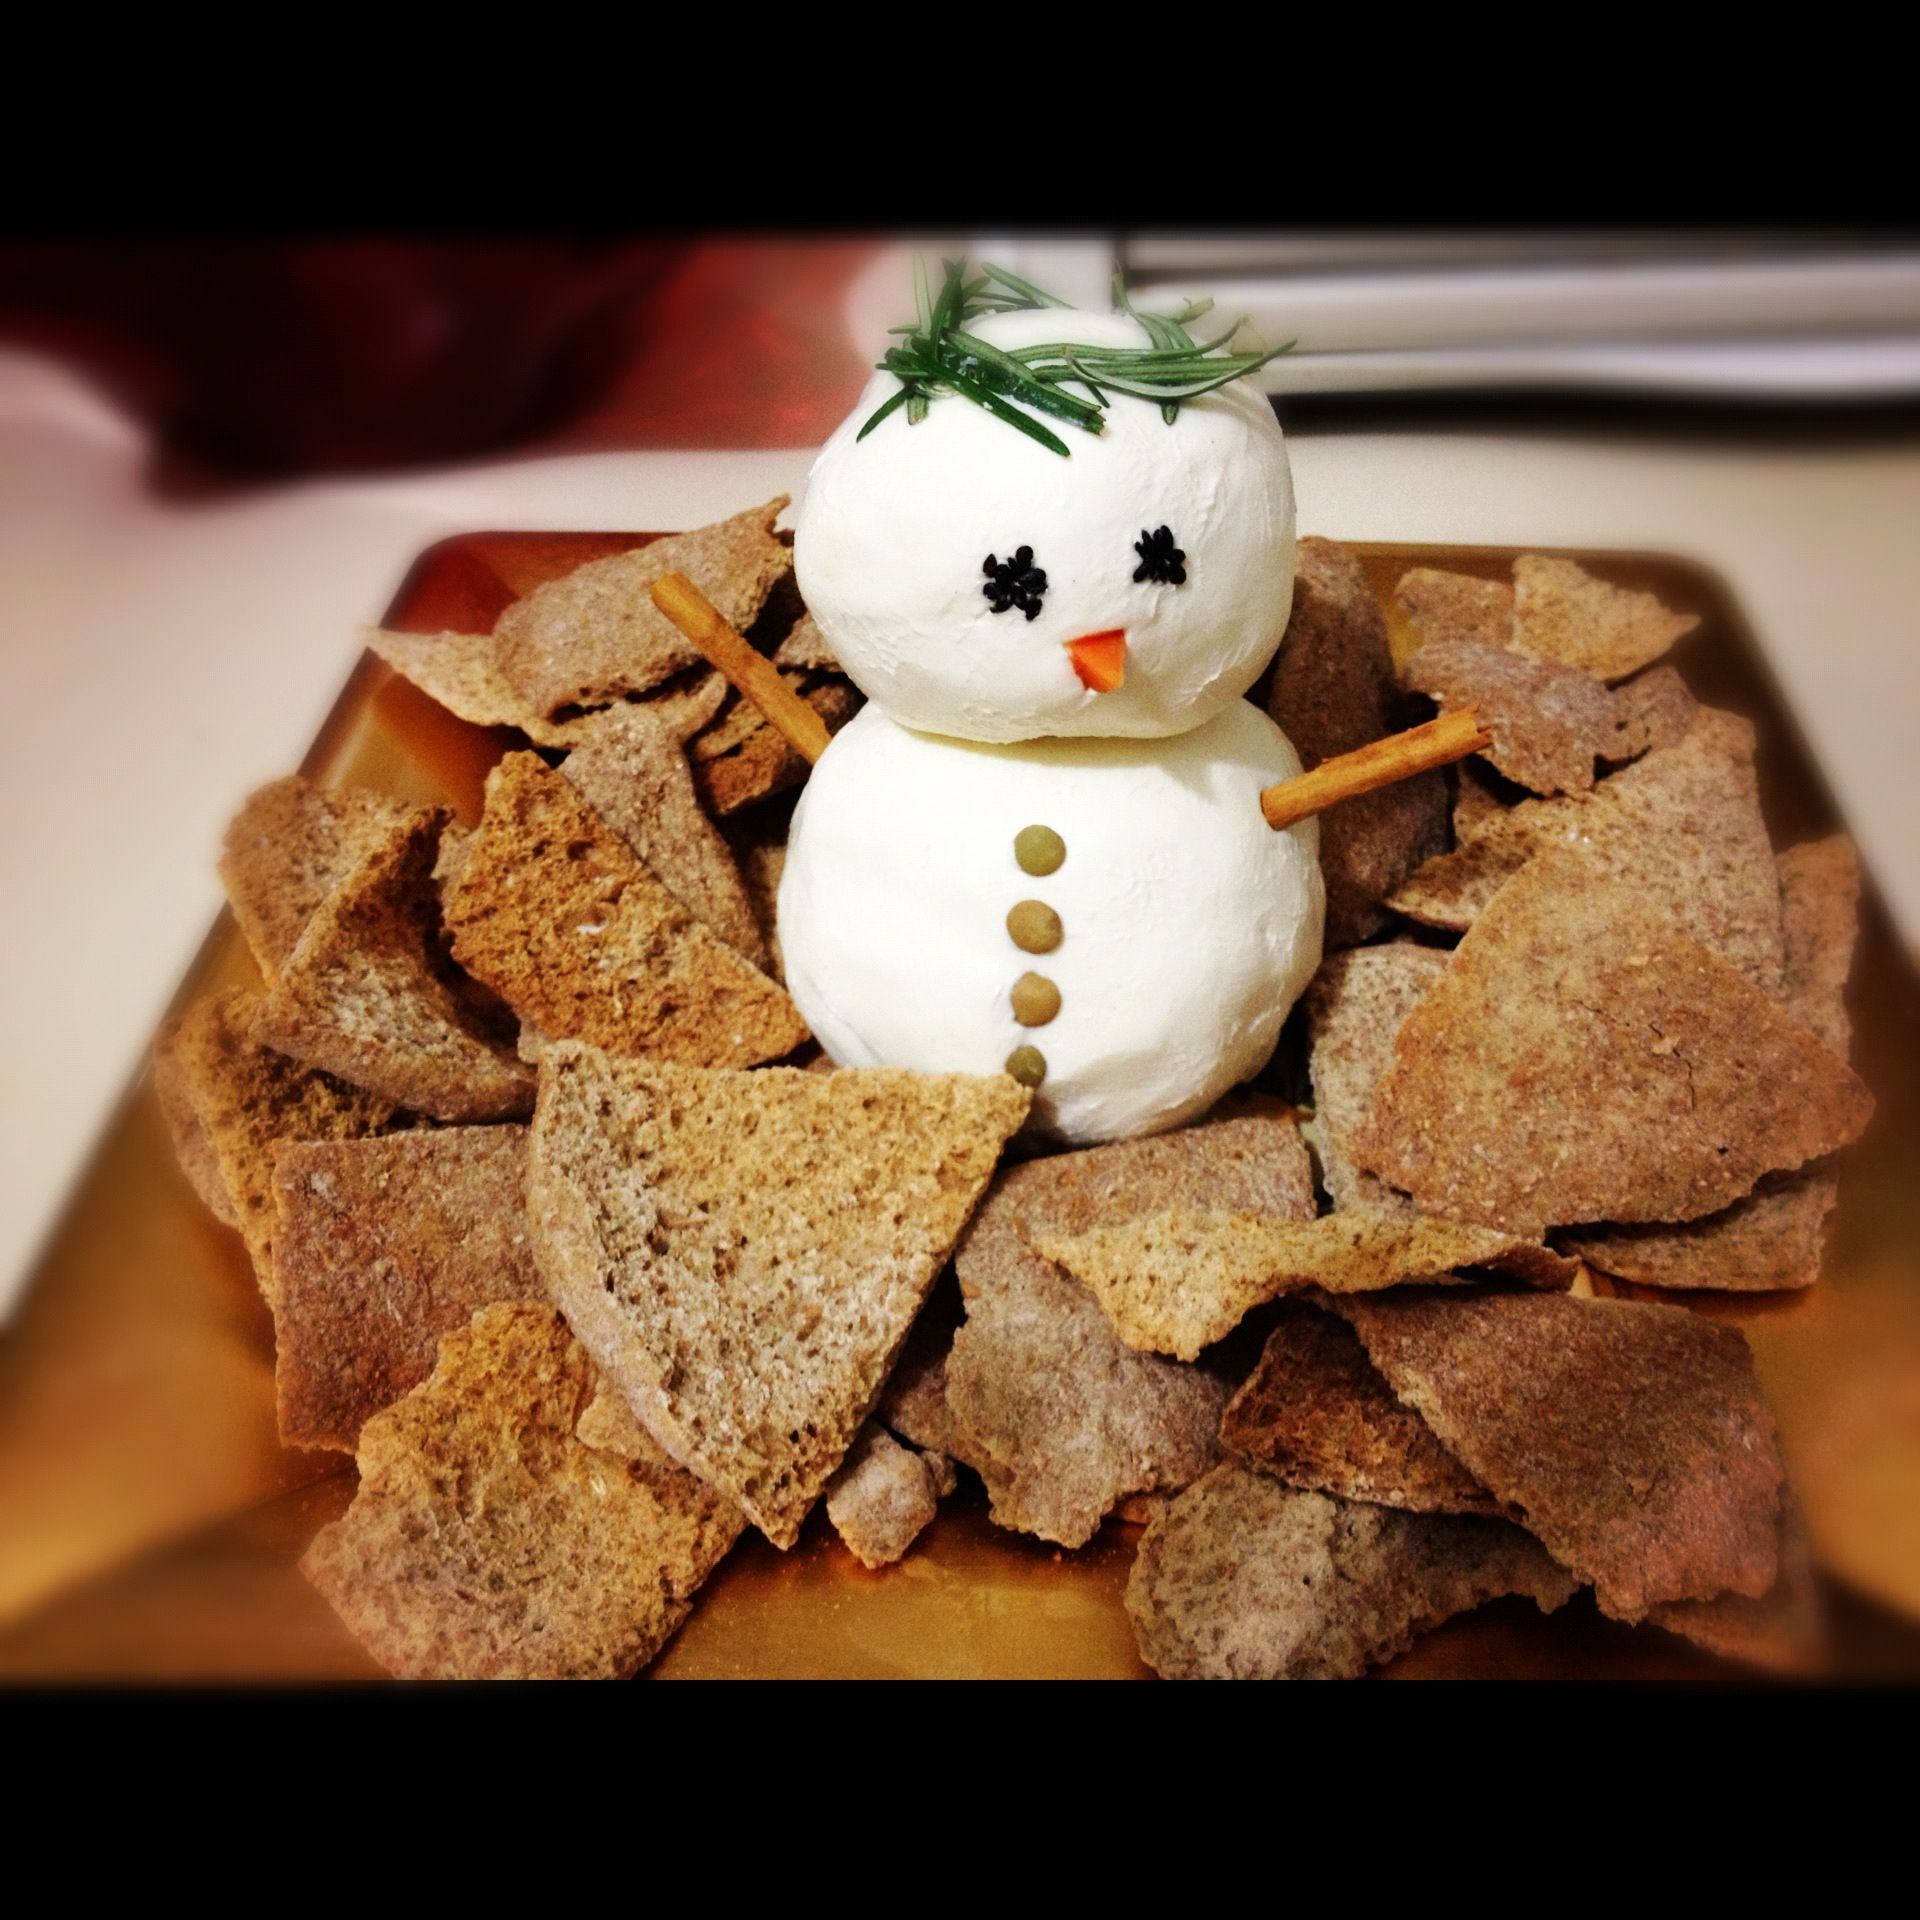 Cream cheese snowman!